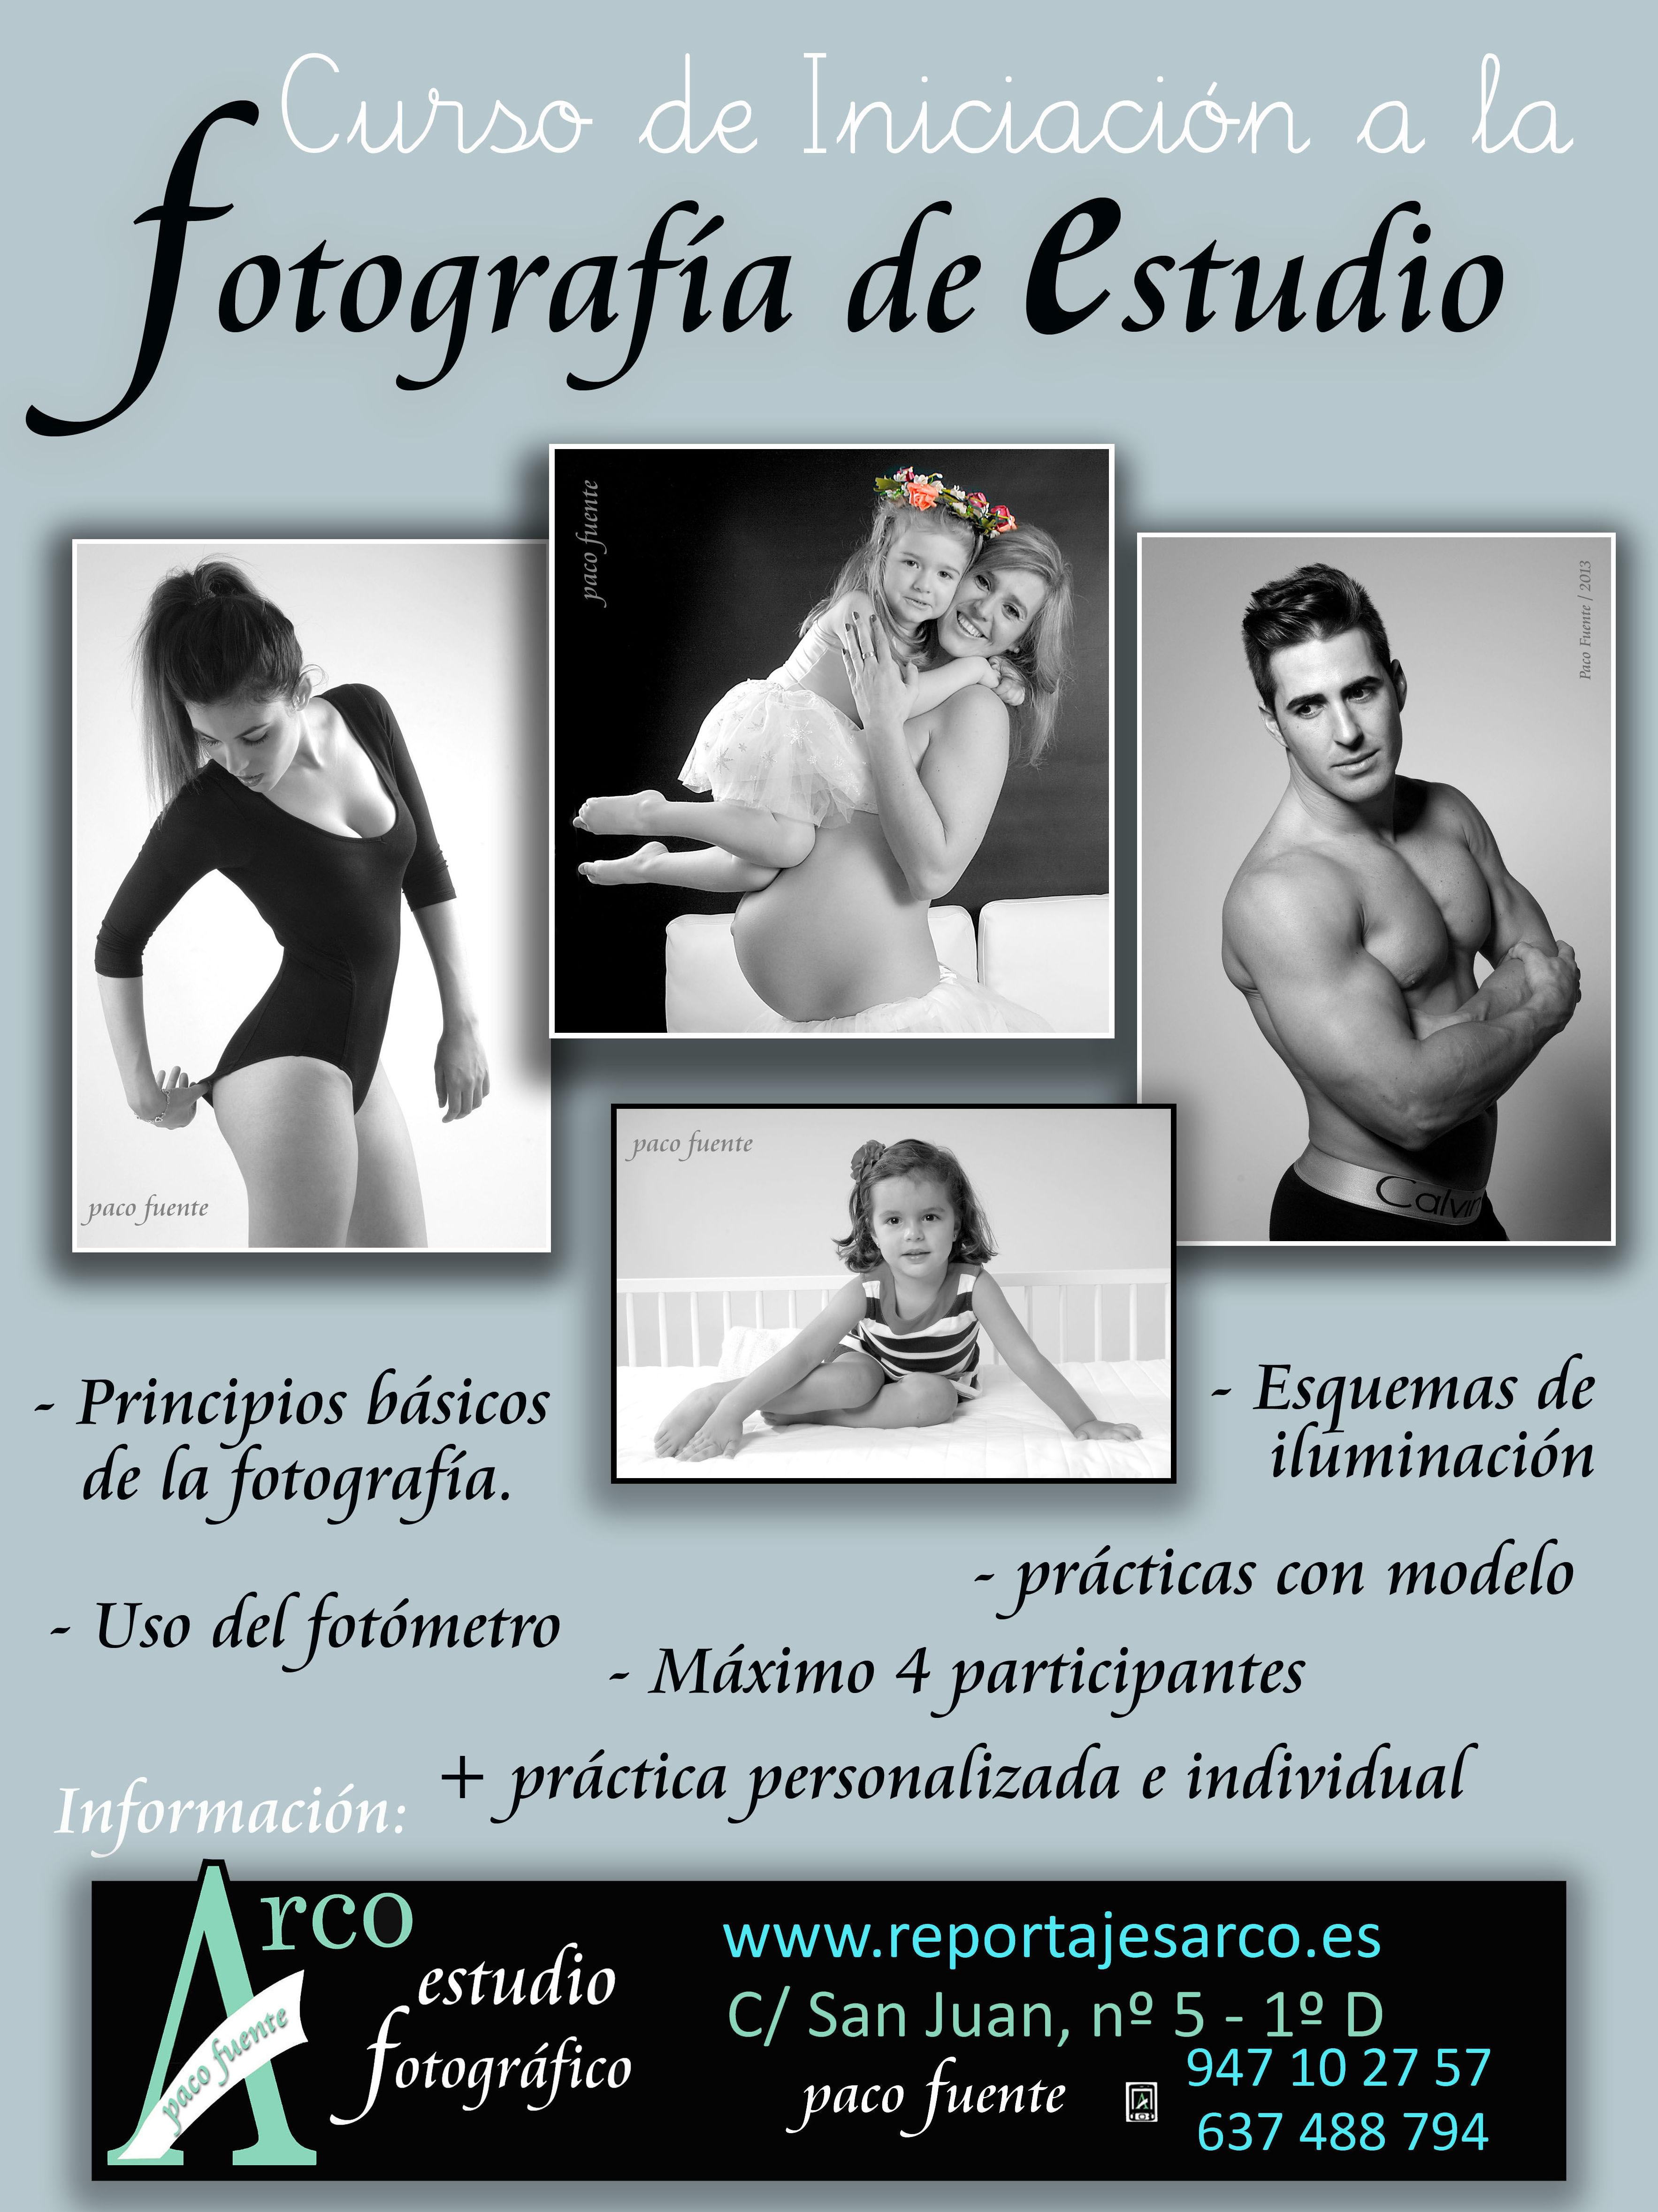 Curso de Fotografía de Estudio en Burgos